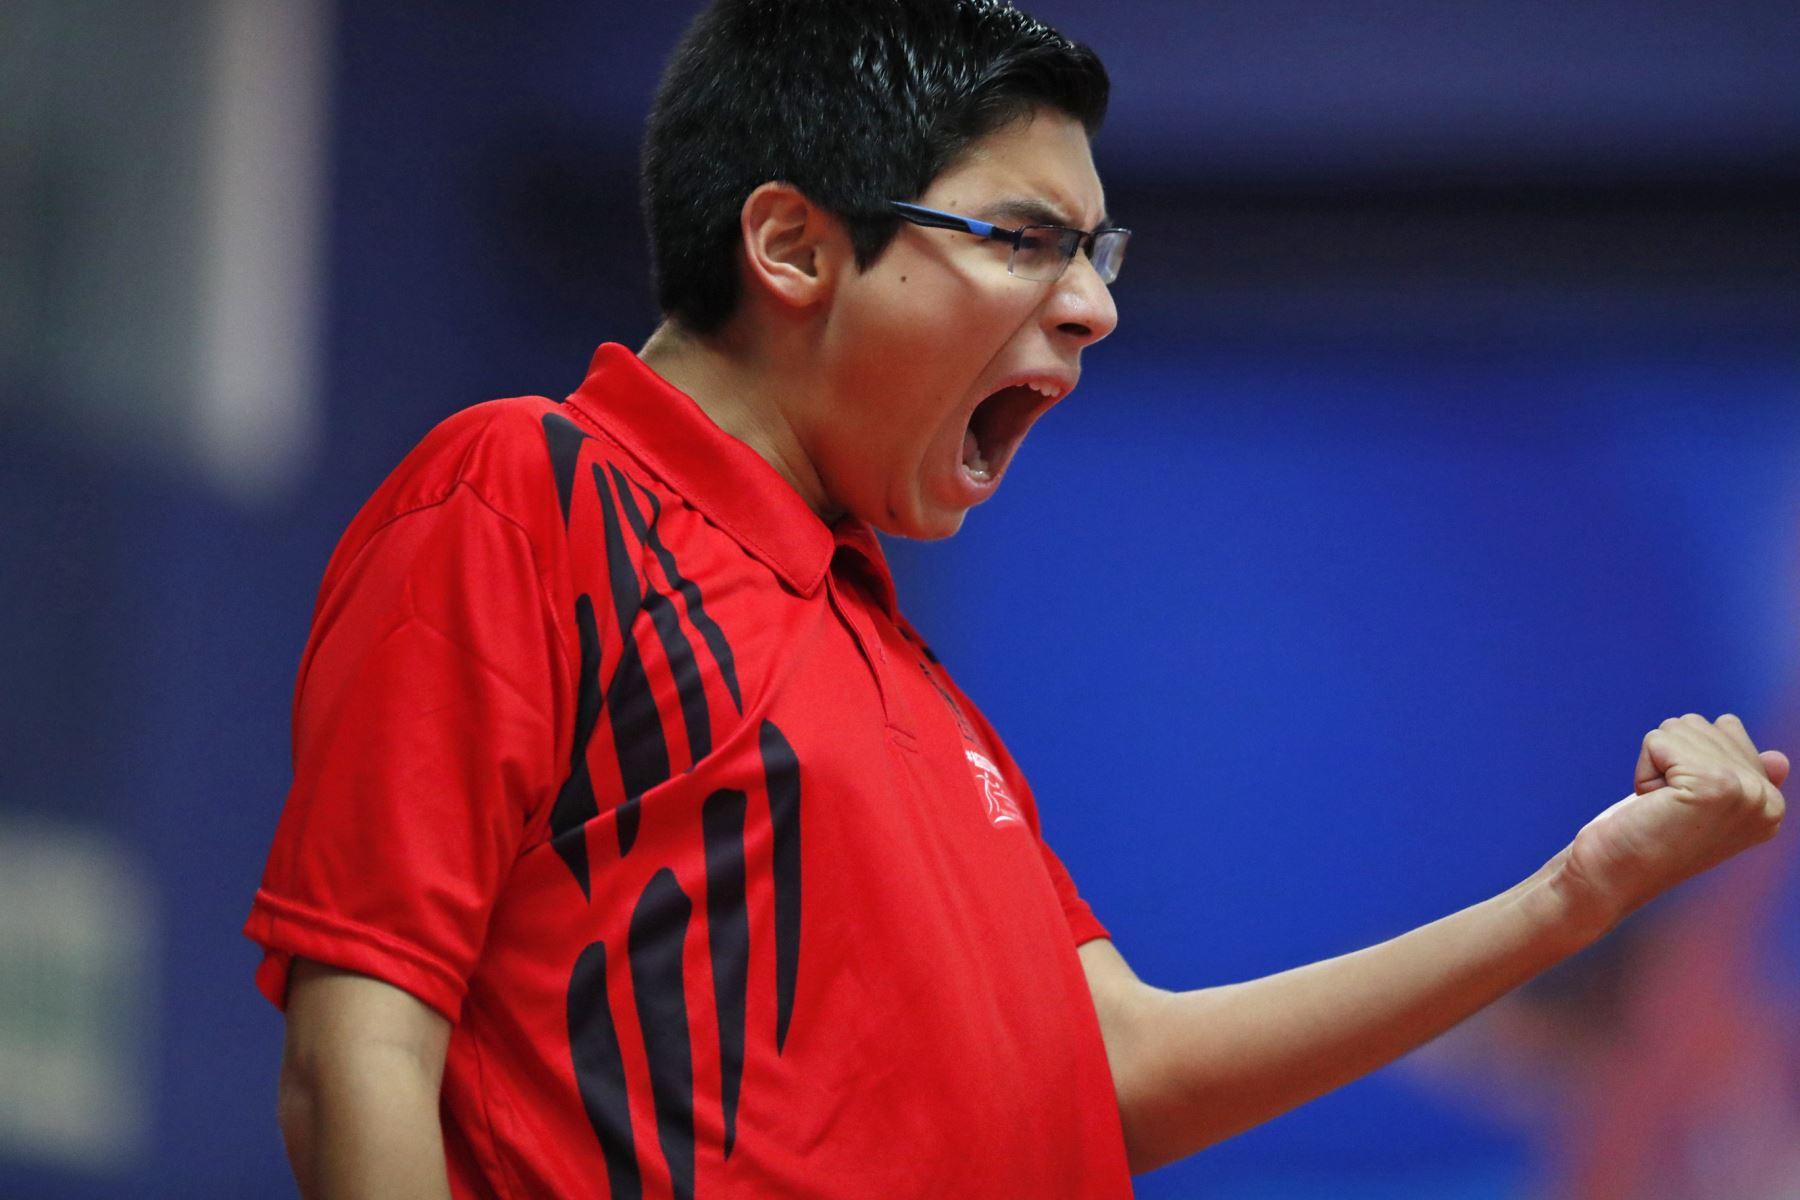 Juan Pablo Luna Núñez medalla de oro, durante la Final individual Varones categoría B Tenis de Mesa por los Juegos Deportivos Escolares Nacionales en el Estadio Nacional. Foto: ANDINA/ Carlos Lezama